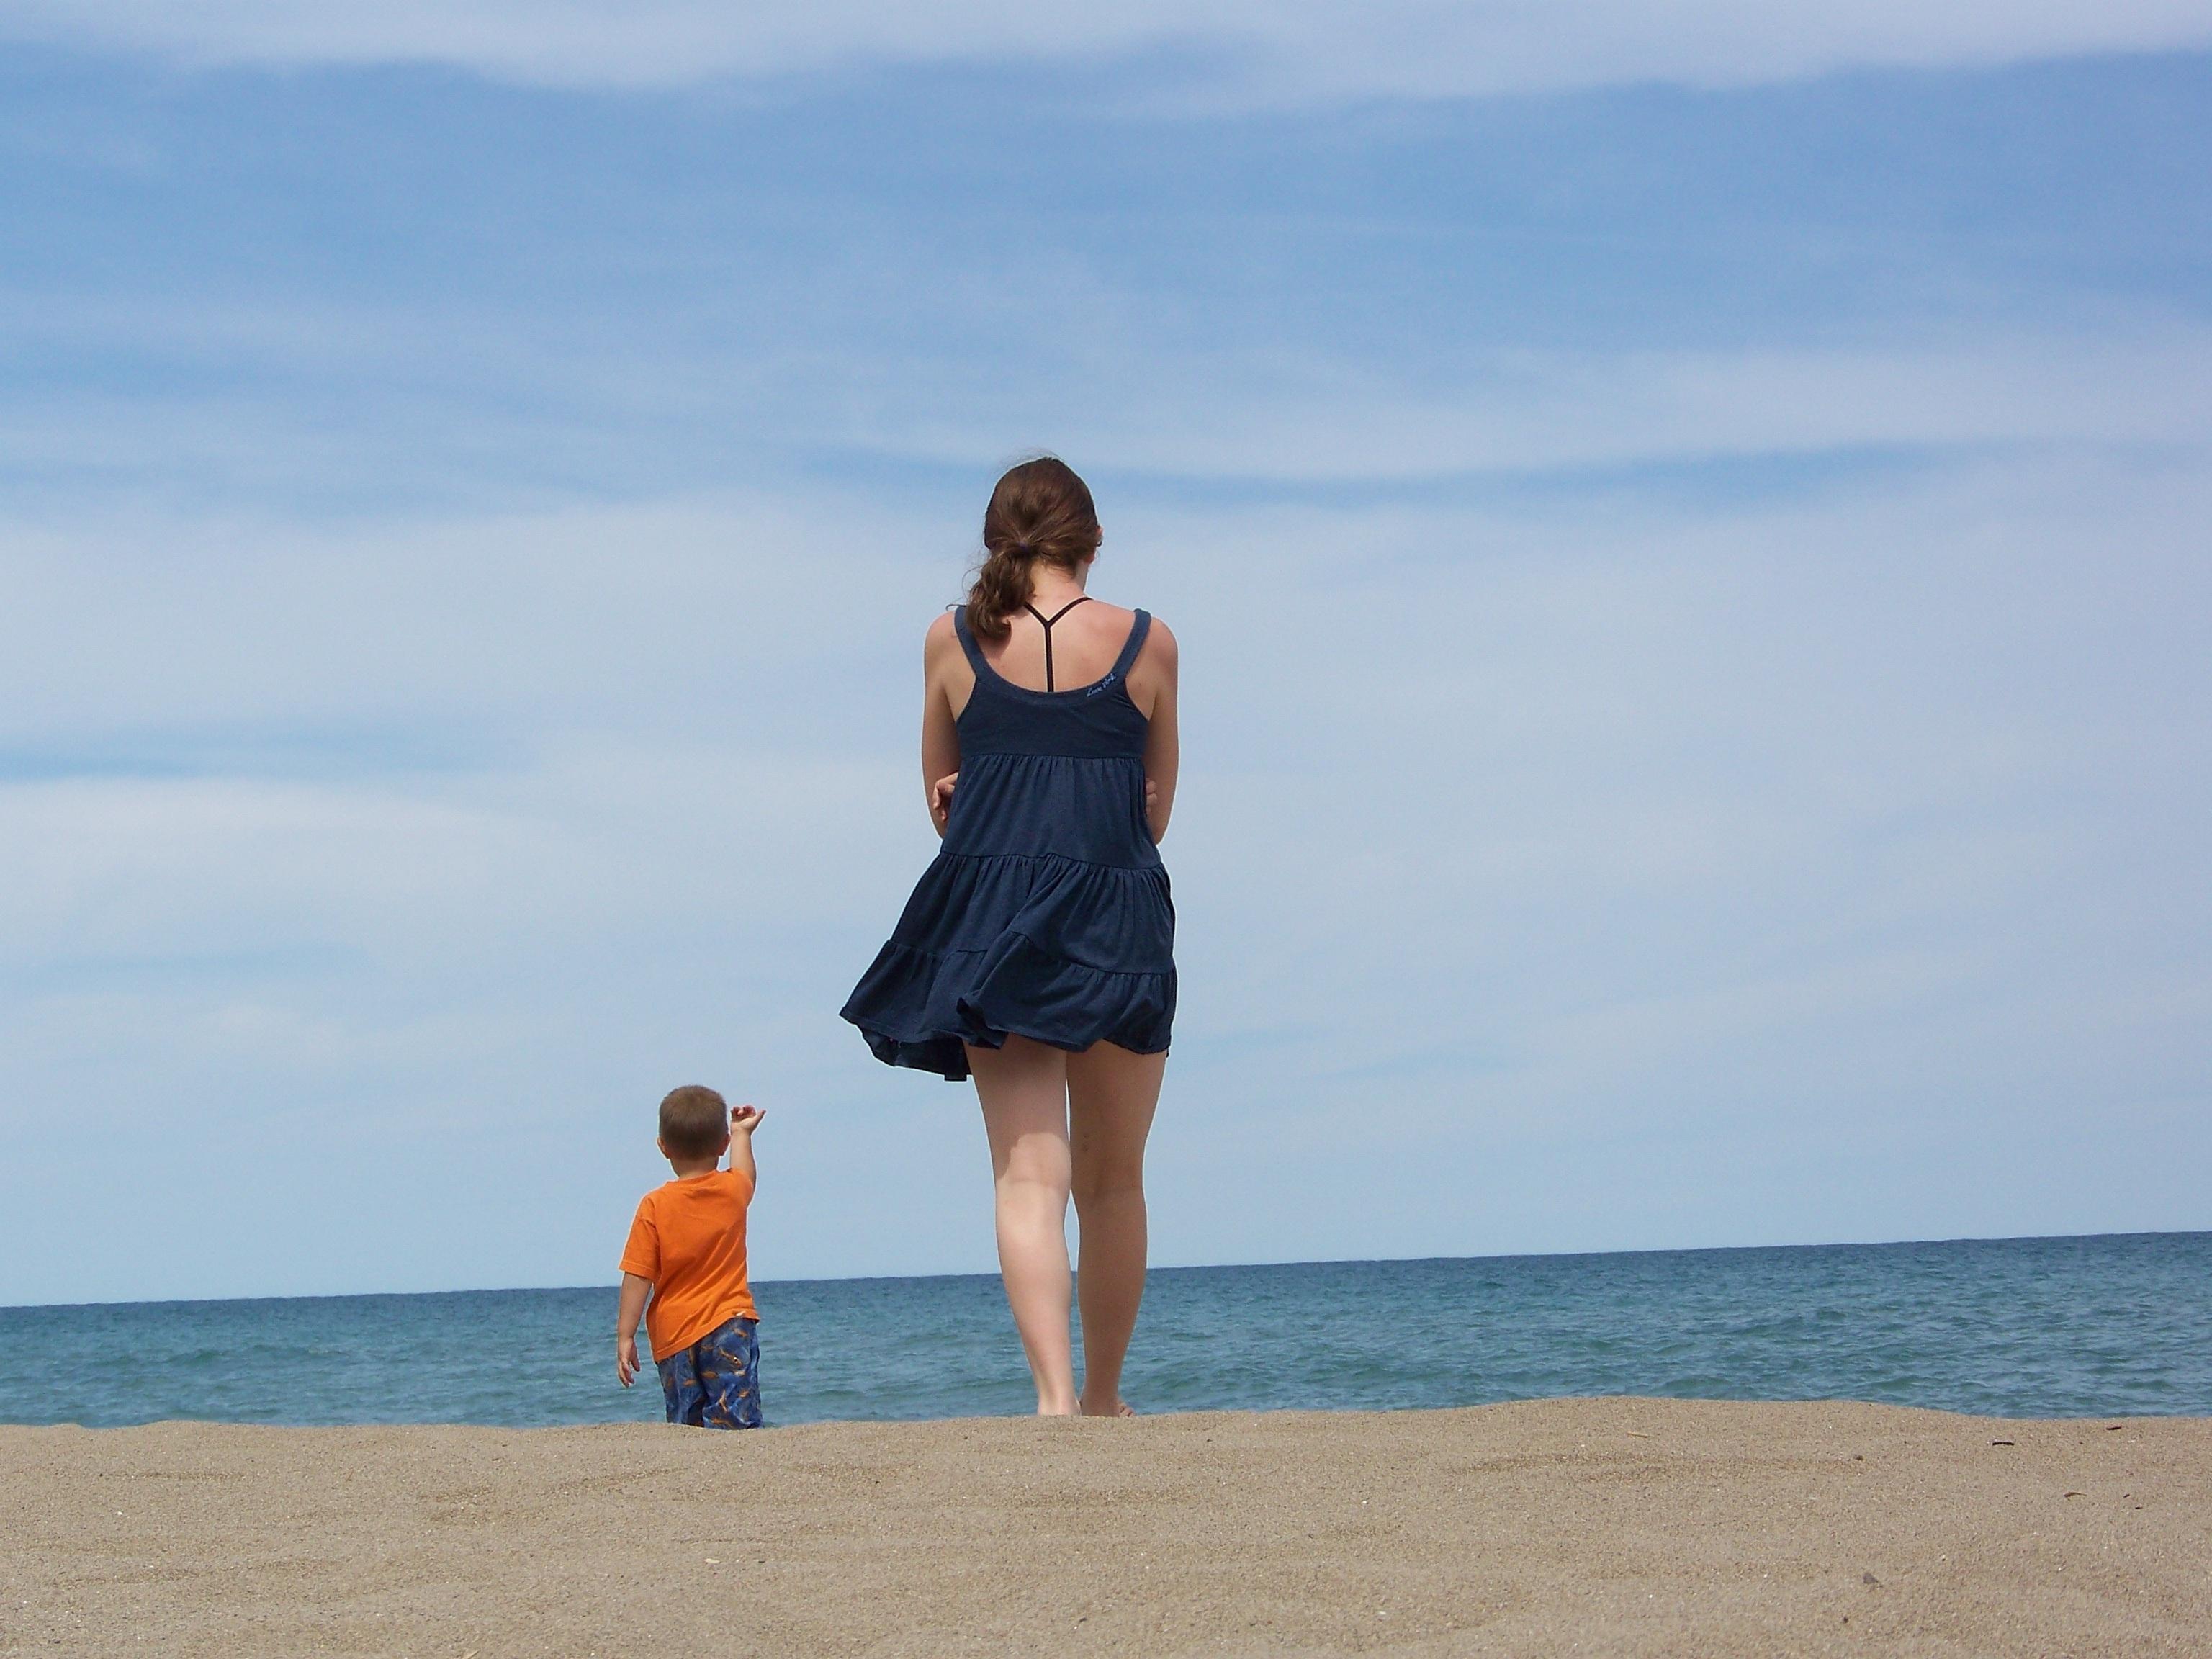 Пляж мальчики девочки фото